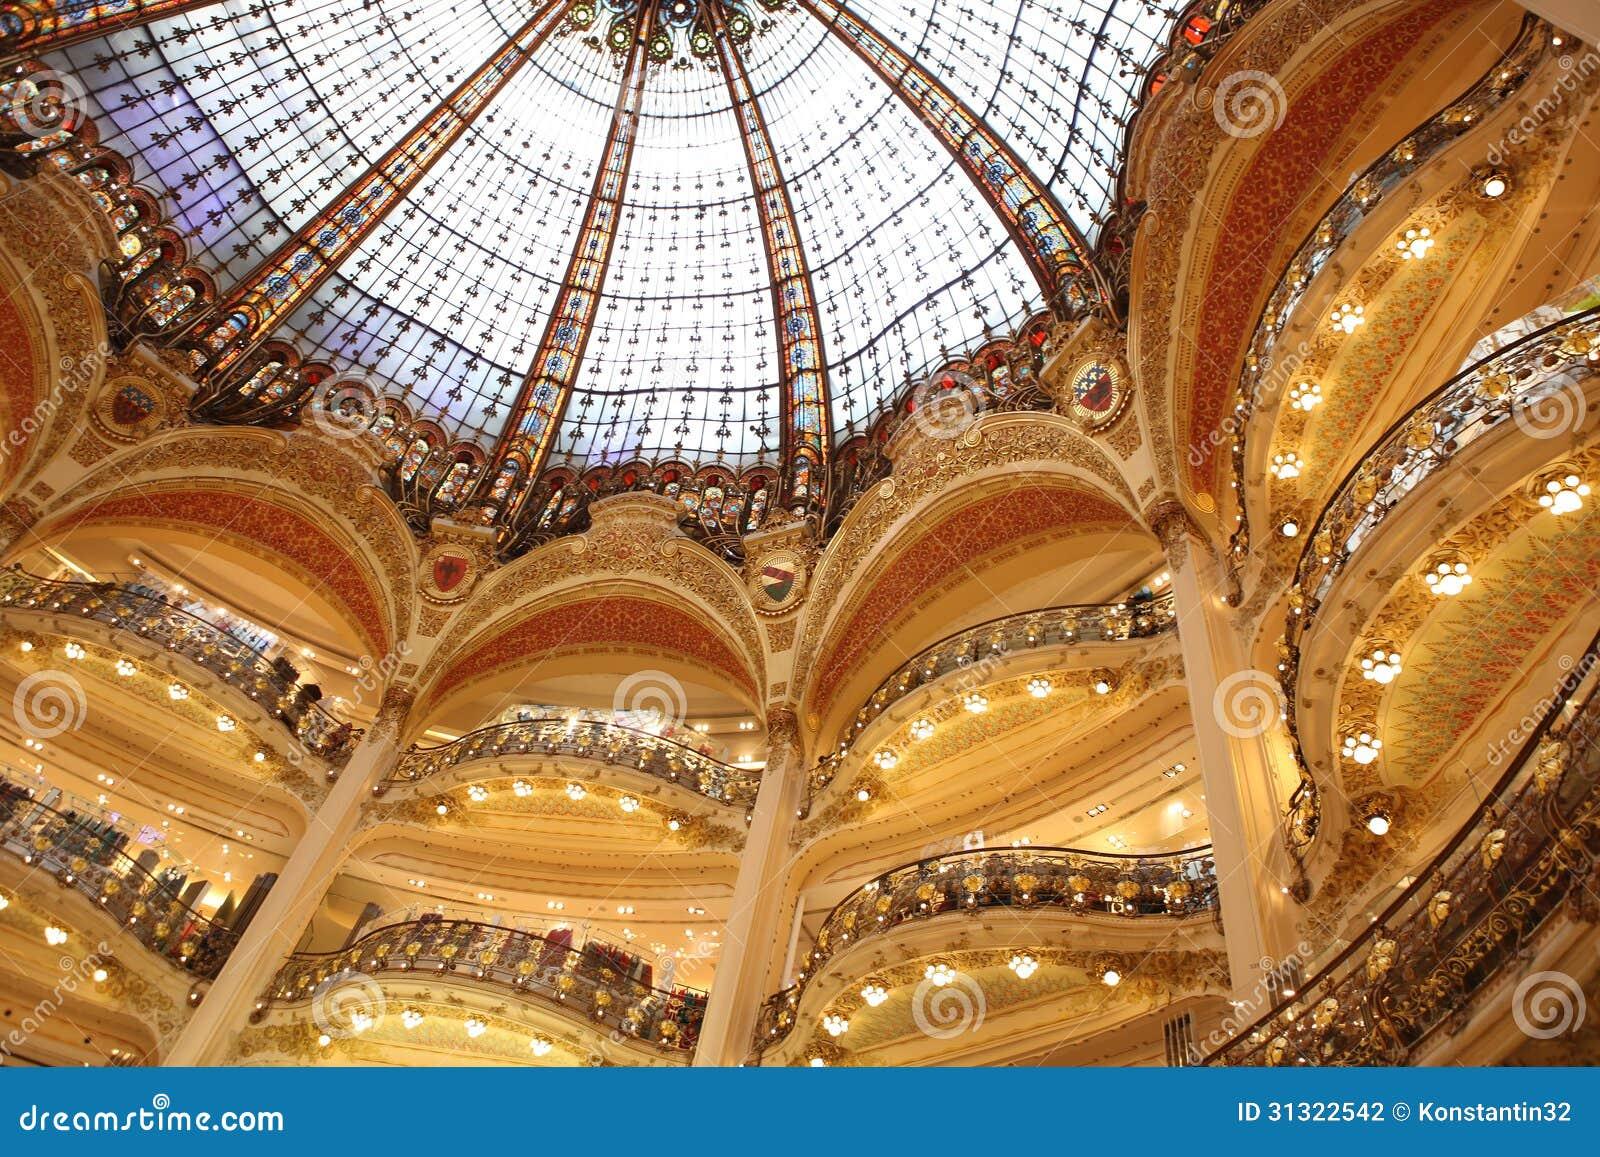 Teil der Böden aGaleries Lafeyette in Paris